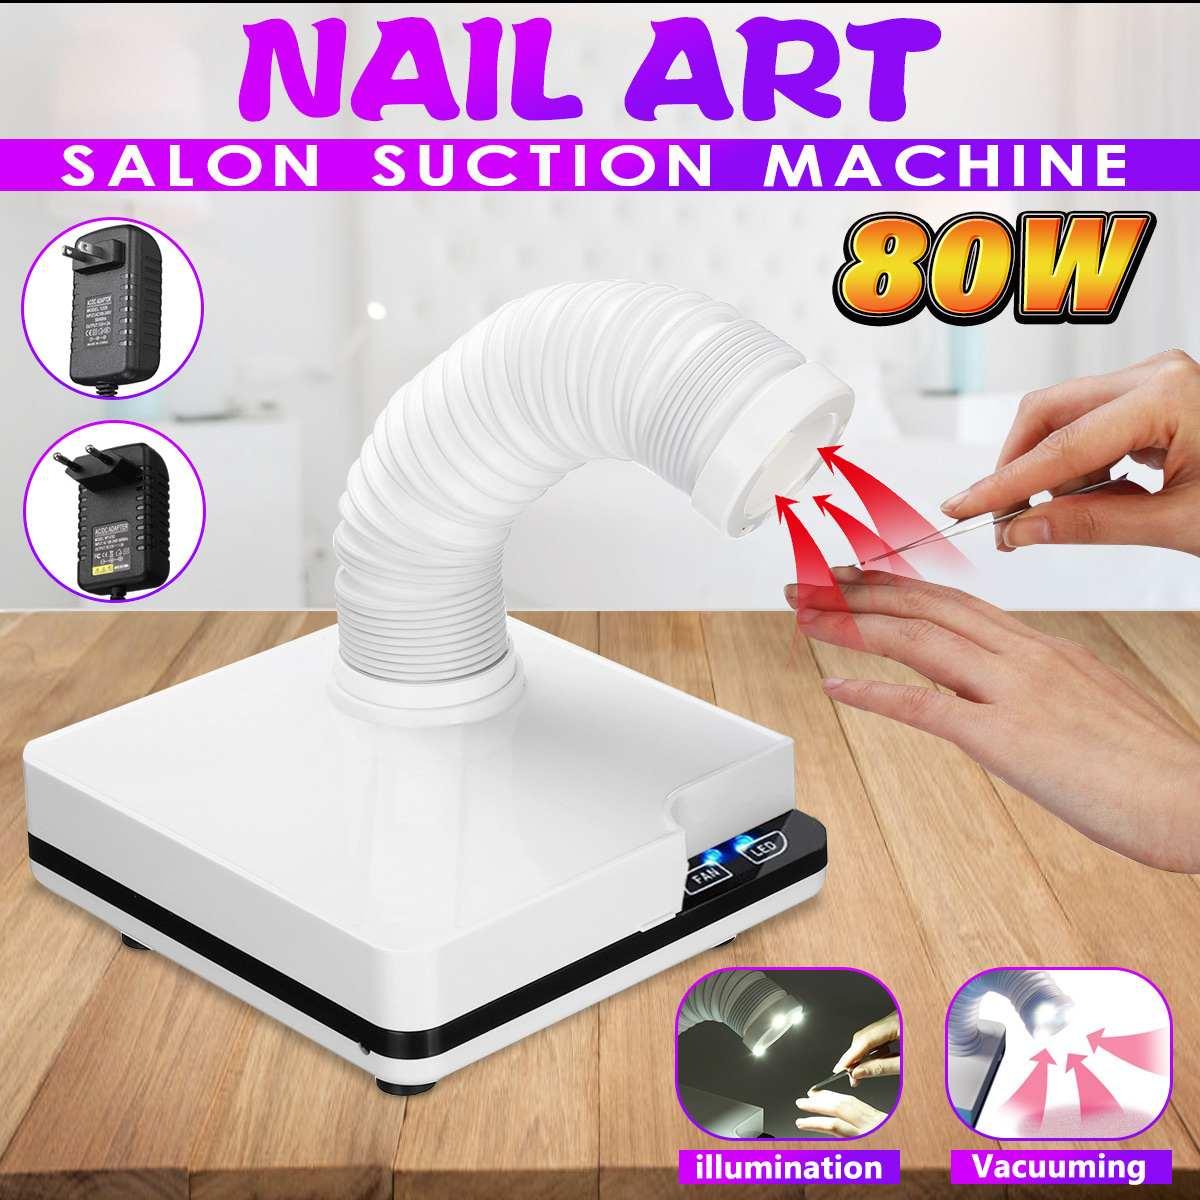 80 W Nail Aspiration dépoussiéreur pour Ongles aspirateur machine de manucure Outils Salon collecteur de poussières d'ongles Accessoires